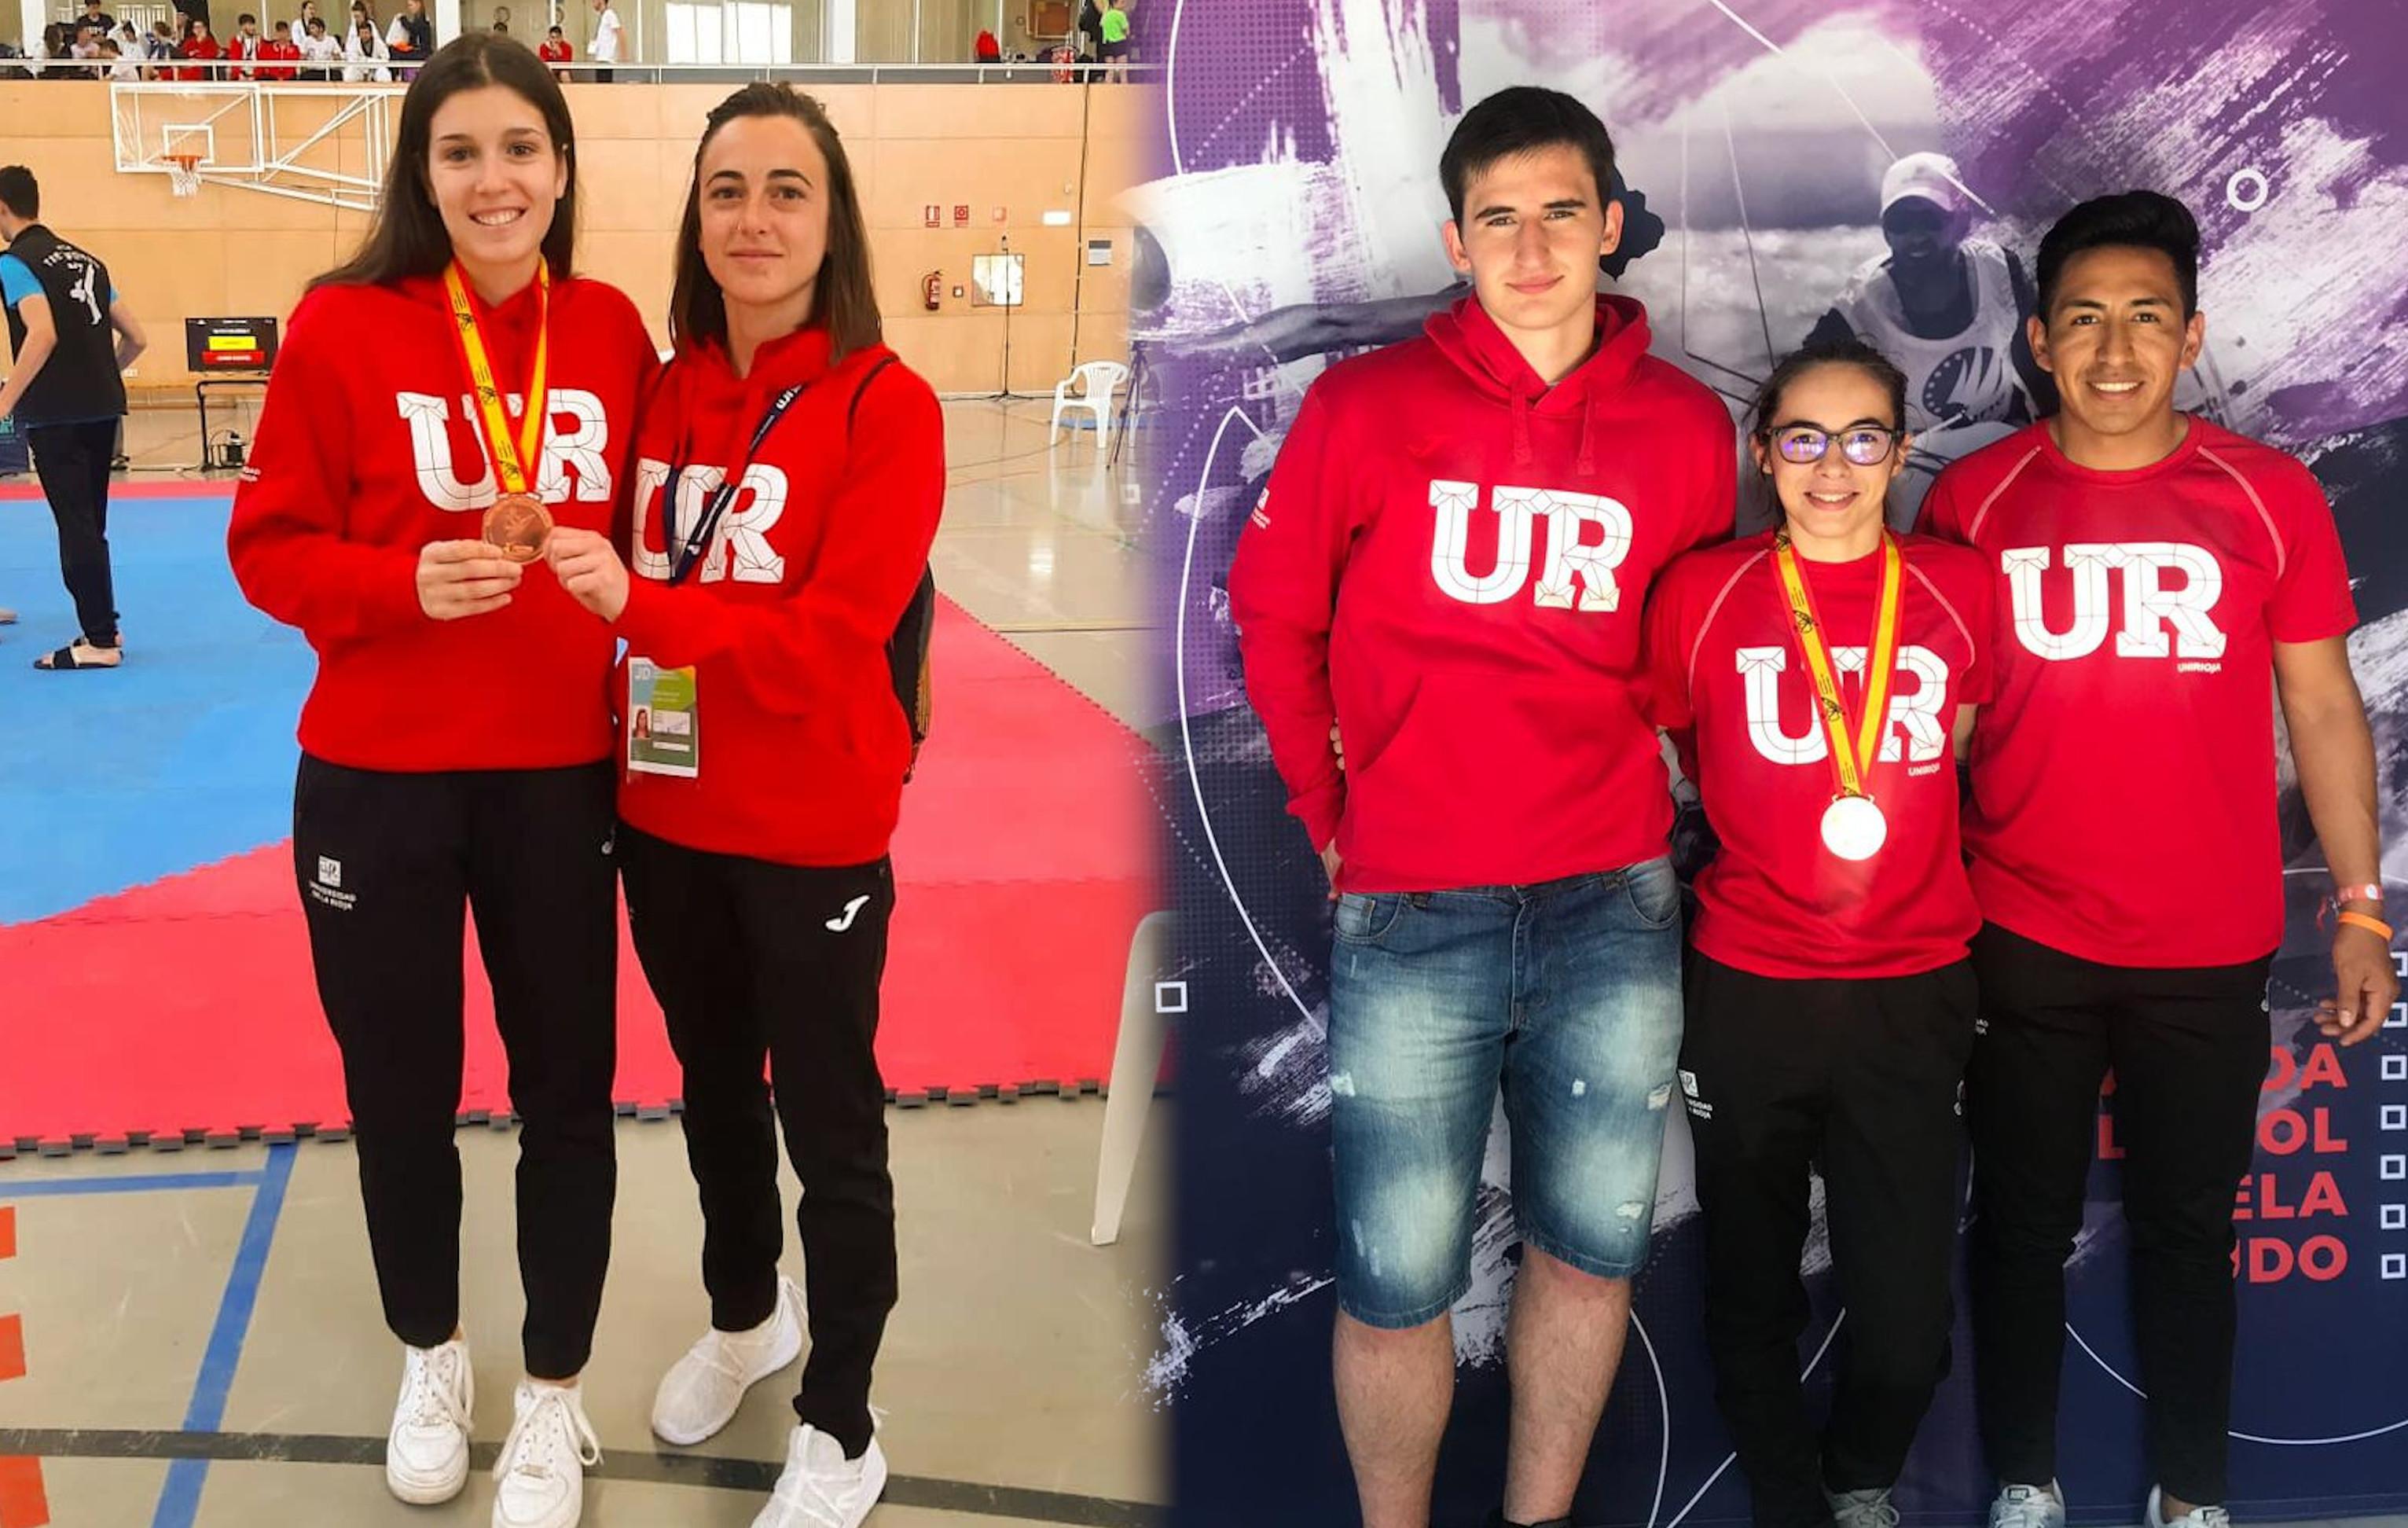 [Hemeroteca Deportes UR] Medallas de Lucía Villoslada y Paula Vicente